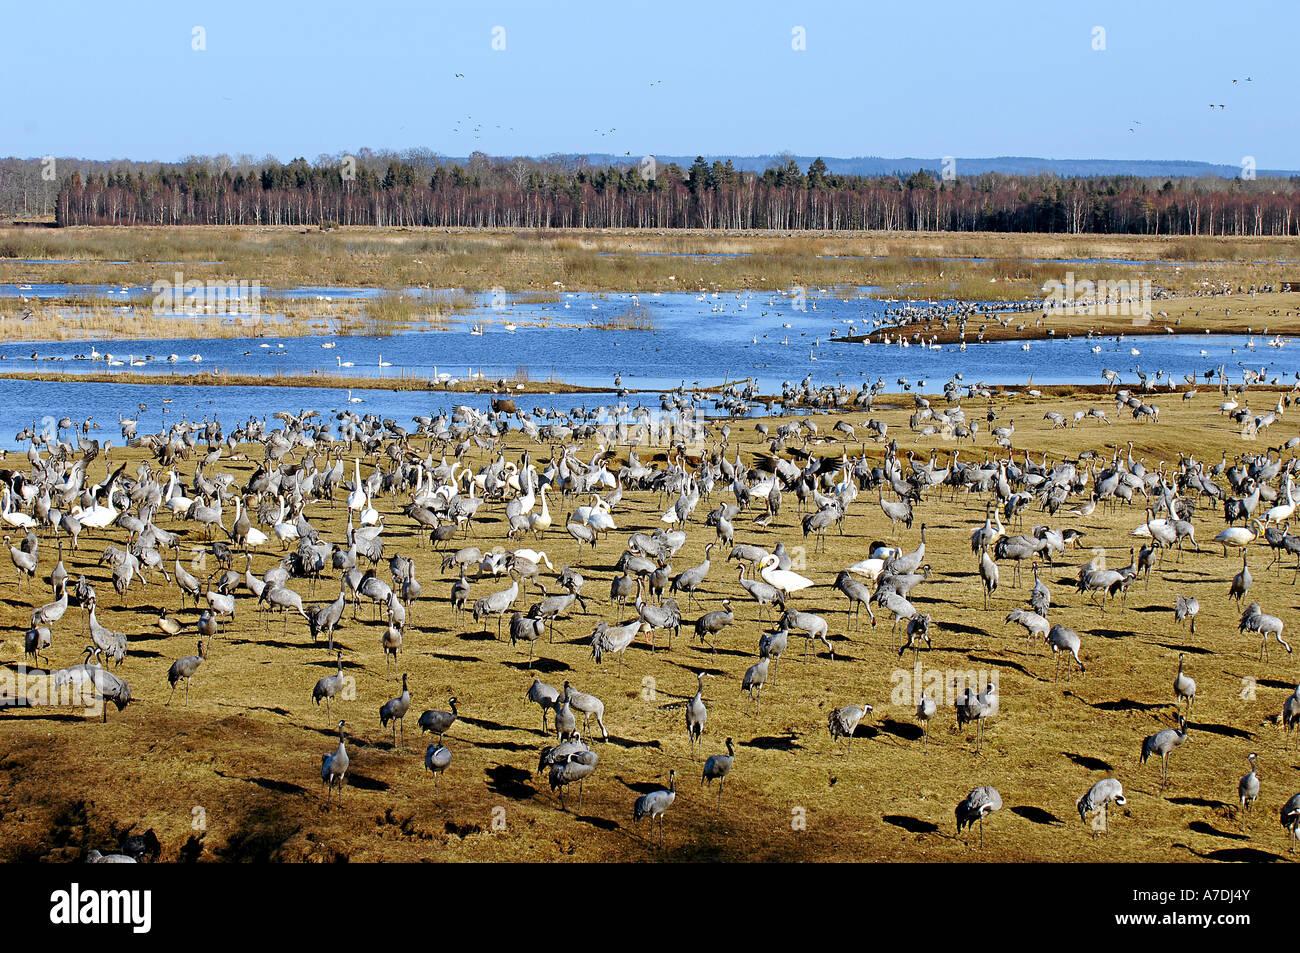 Vogelzug Tanz der Kraniche Blick auf Tanzplatz Hornborga See Vogelzug Stock Photo